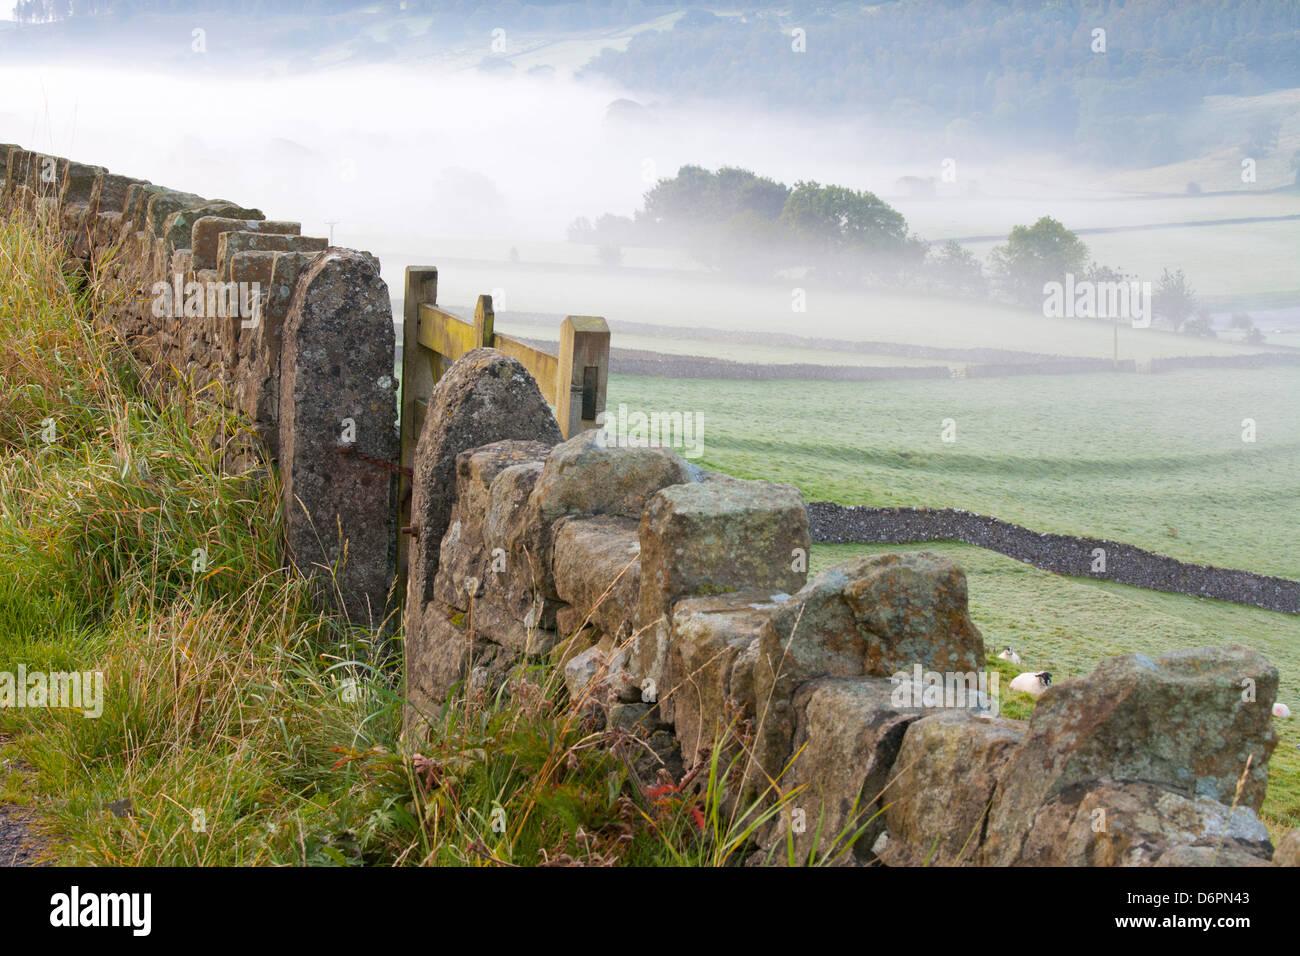 Recinzione in pietra, Burnsall, Yorkshire Dales National Park, il Yorkshire, Inghilterra, Regno Unito, Europa Immagini Stock